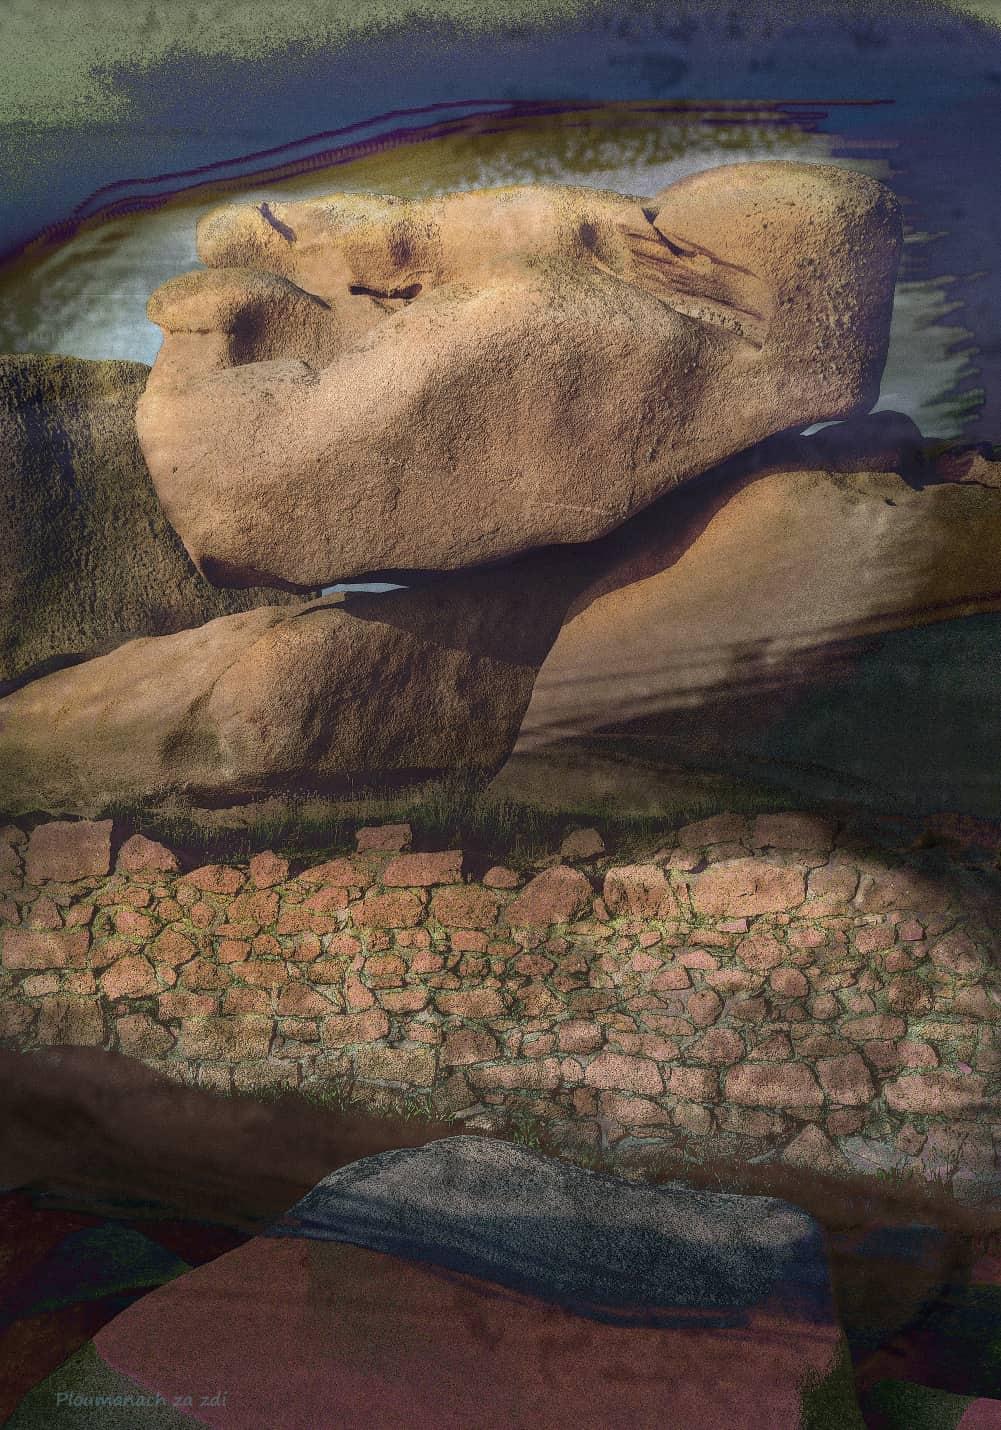 JAN LIPINA Ploumanach za zdi 100x70